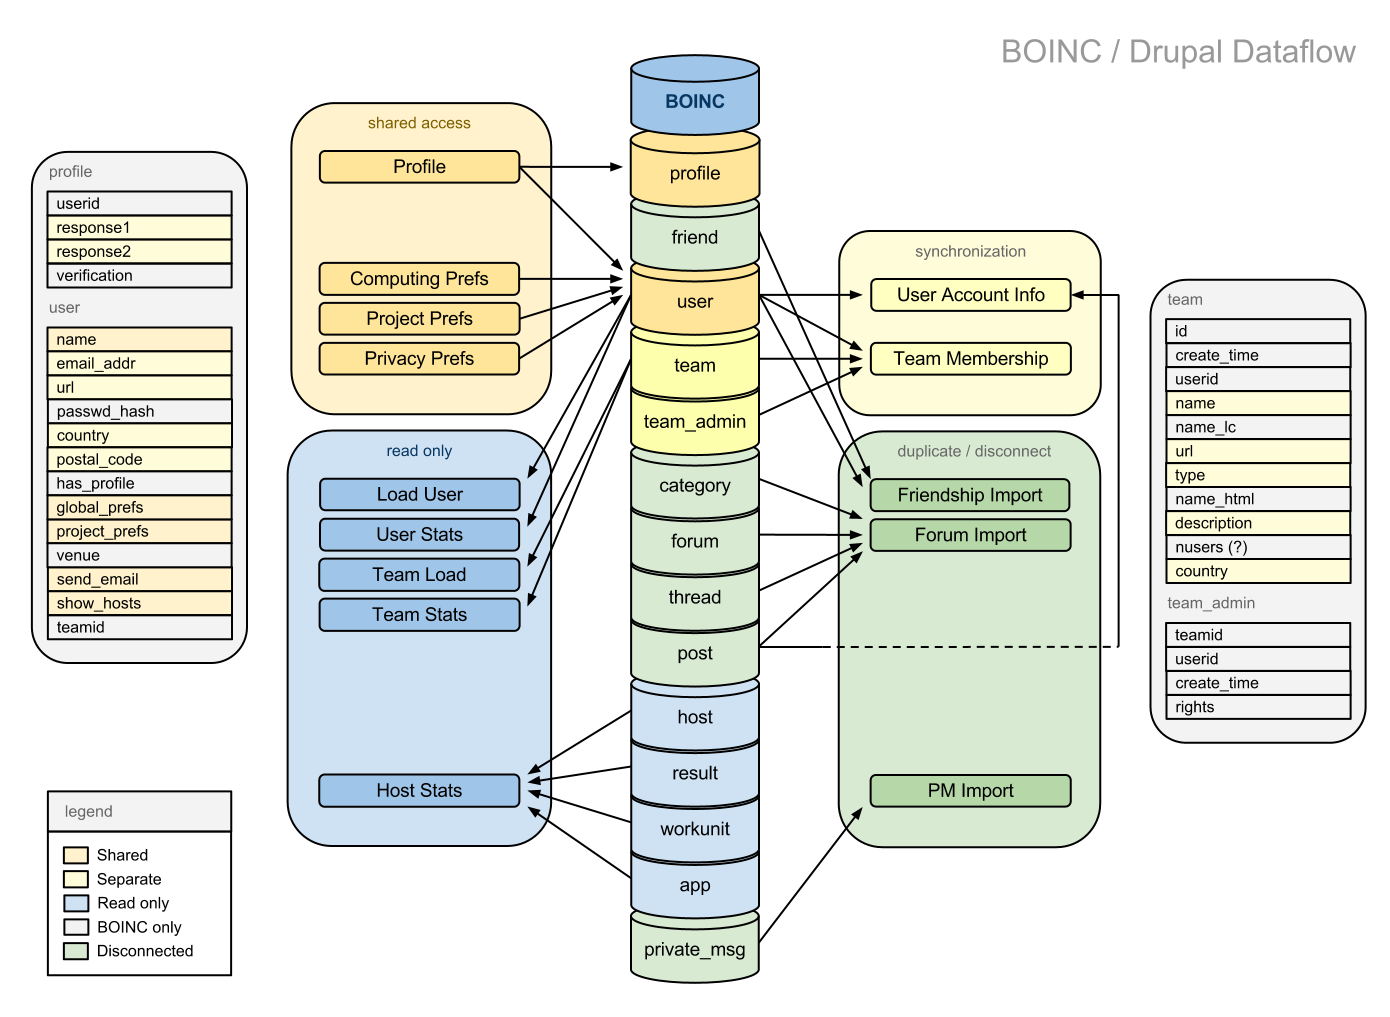 Drupalintegration boinc for Drupal 7 architecture diagram